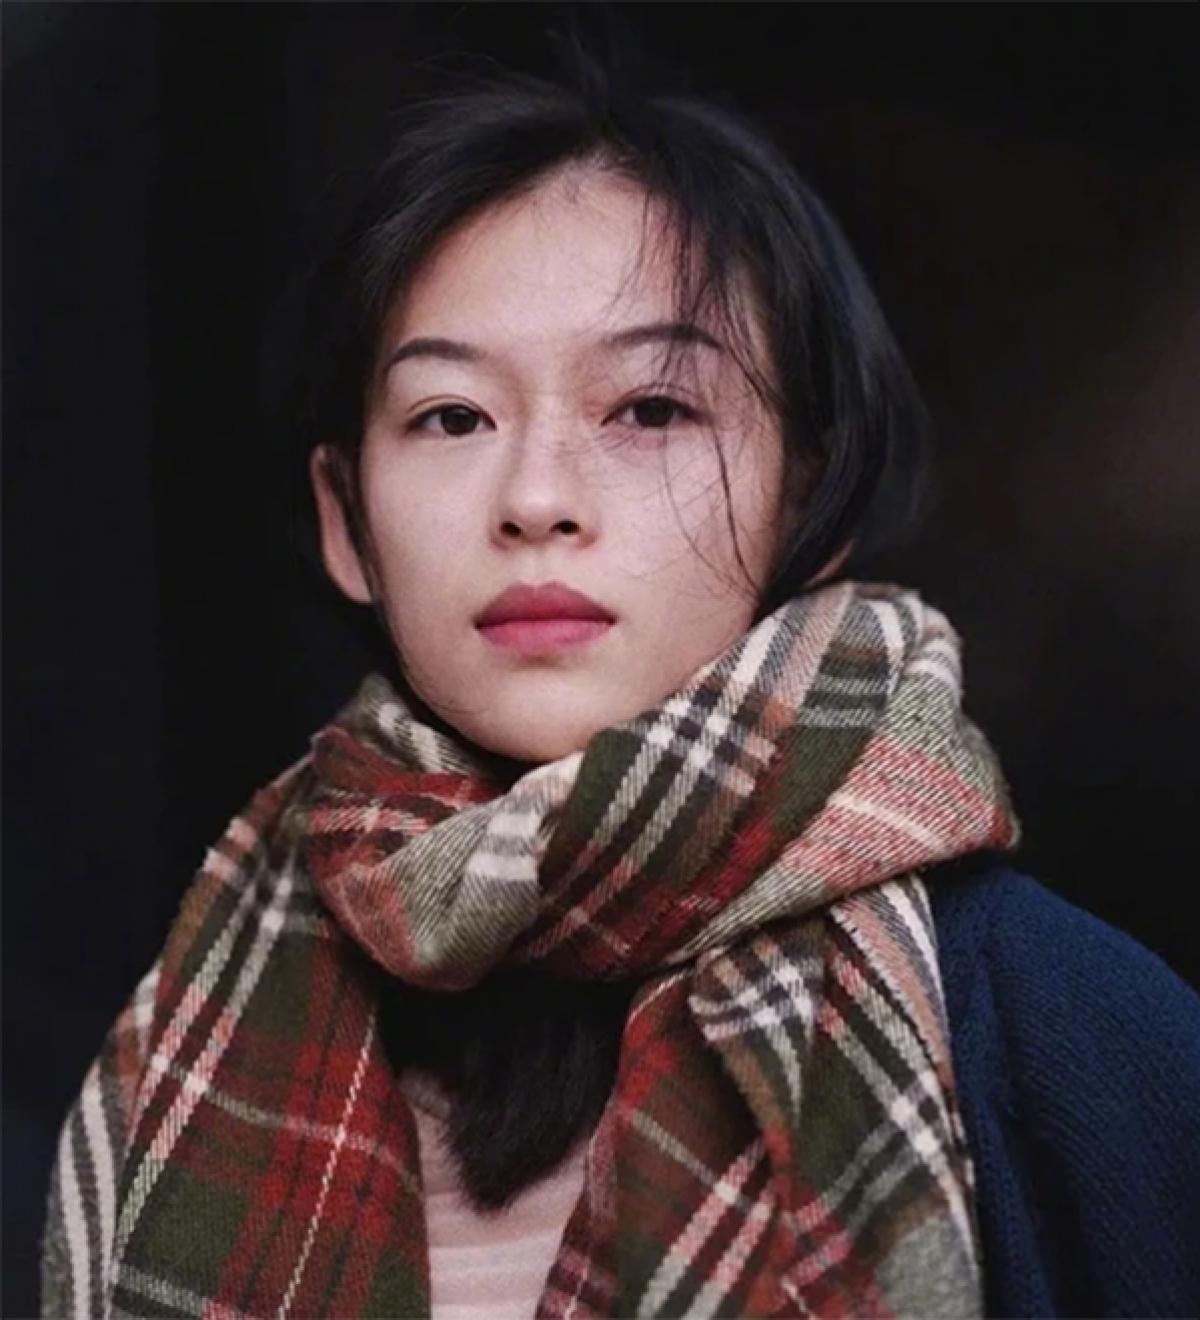 Khuôn mặt đậm chất Á Đông với đôi mắt đẹp thoáng nét buồn, vóc dáng nhỏ nhắn, mong manhcủa Minh Hà gây ấn tượng với người xem.